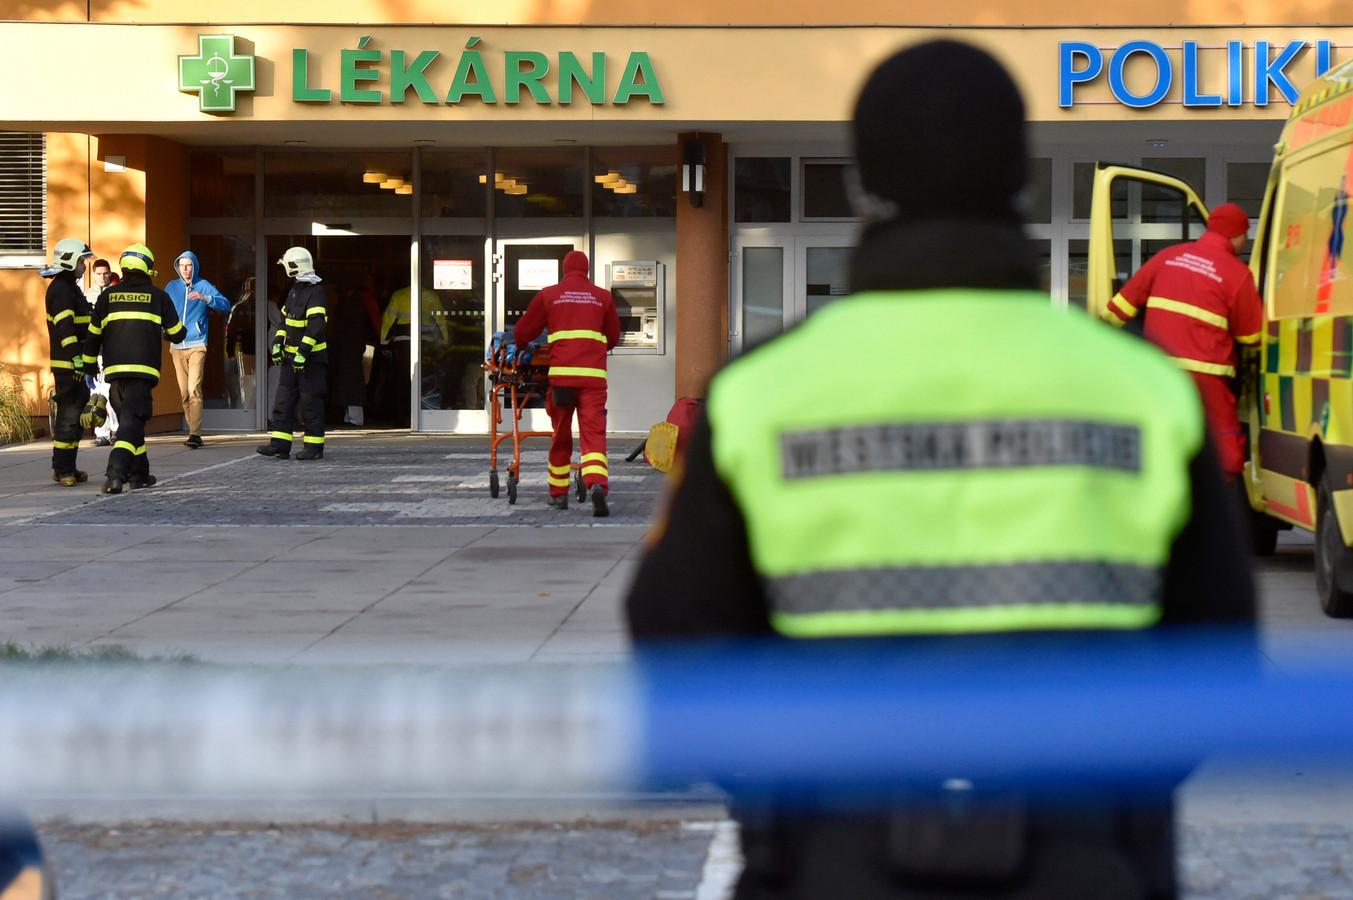 Politie en hulpverleners bij het ziekenhuis.